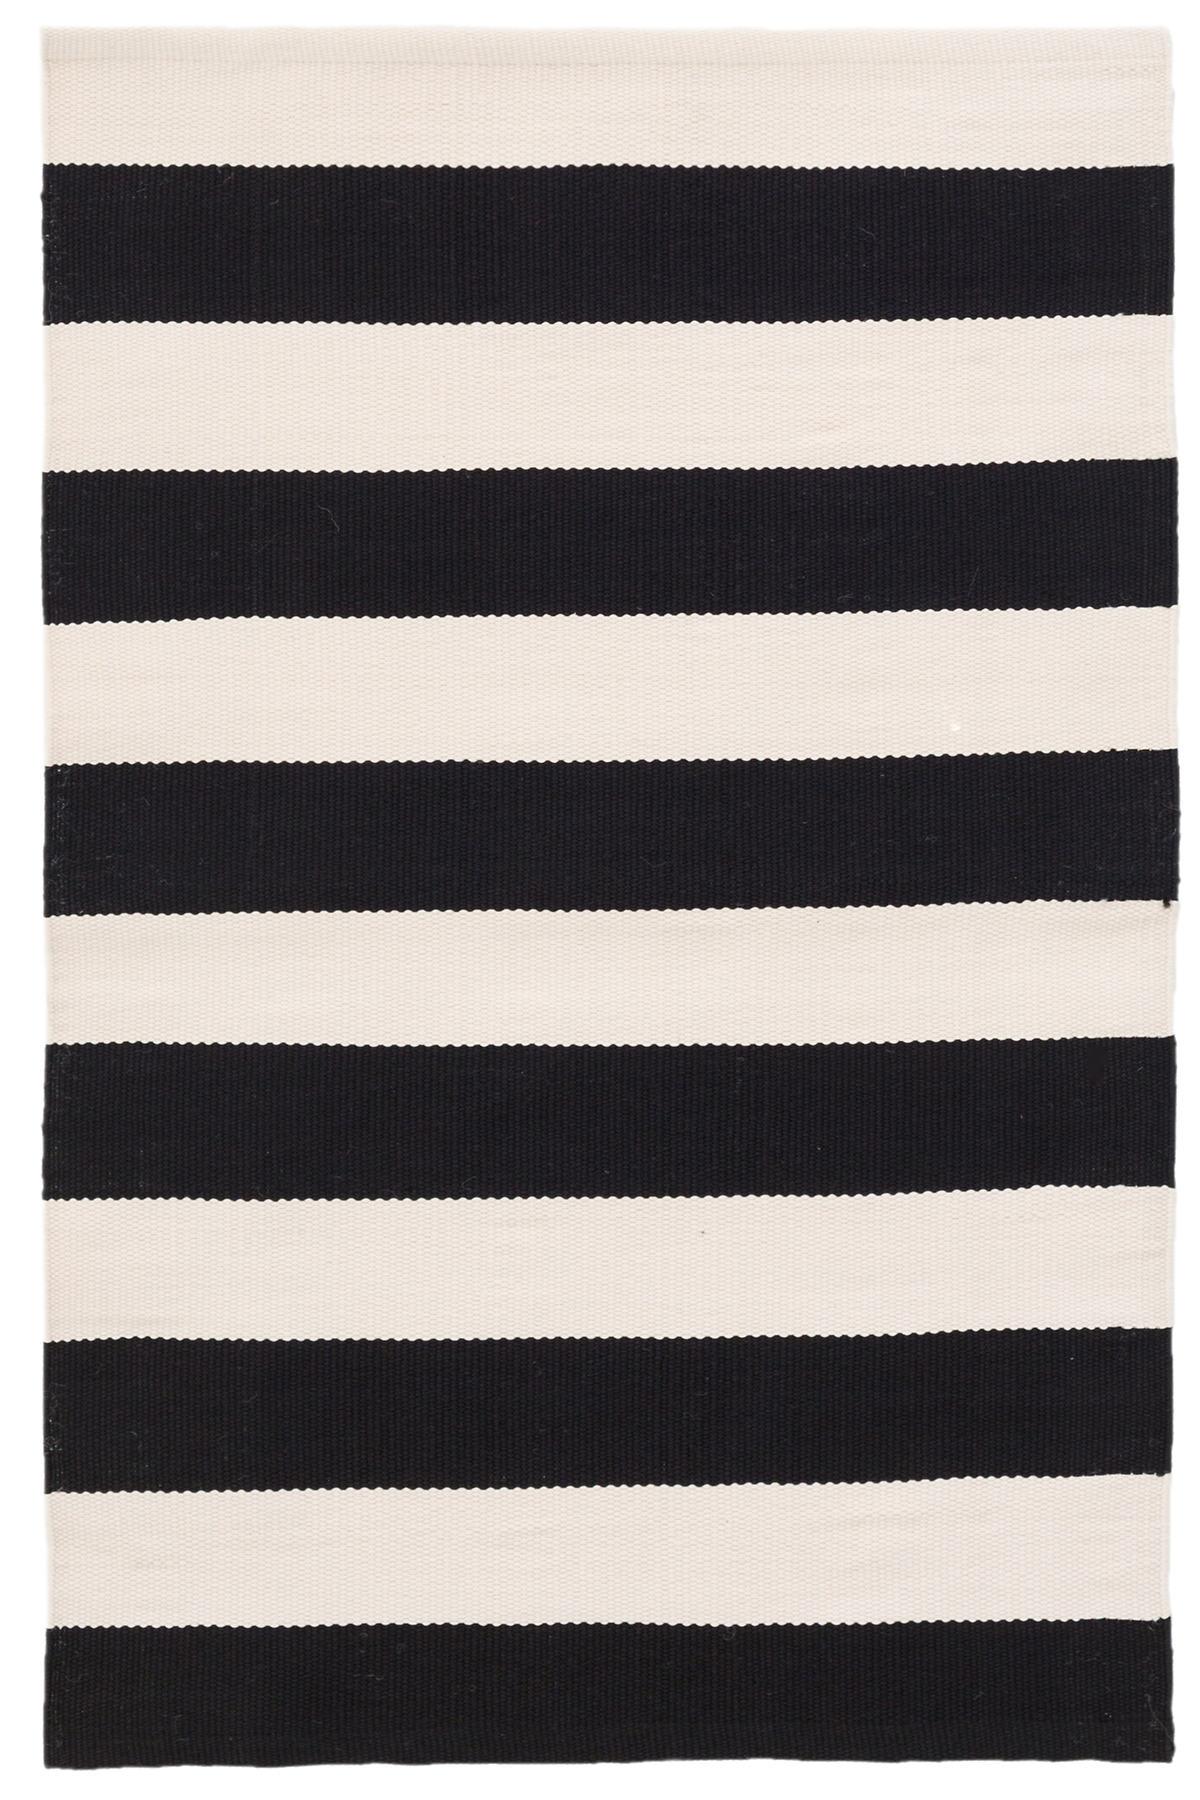 Catamaran Stripe Black/Ivory Indoor/Outdoor Rug